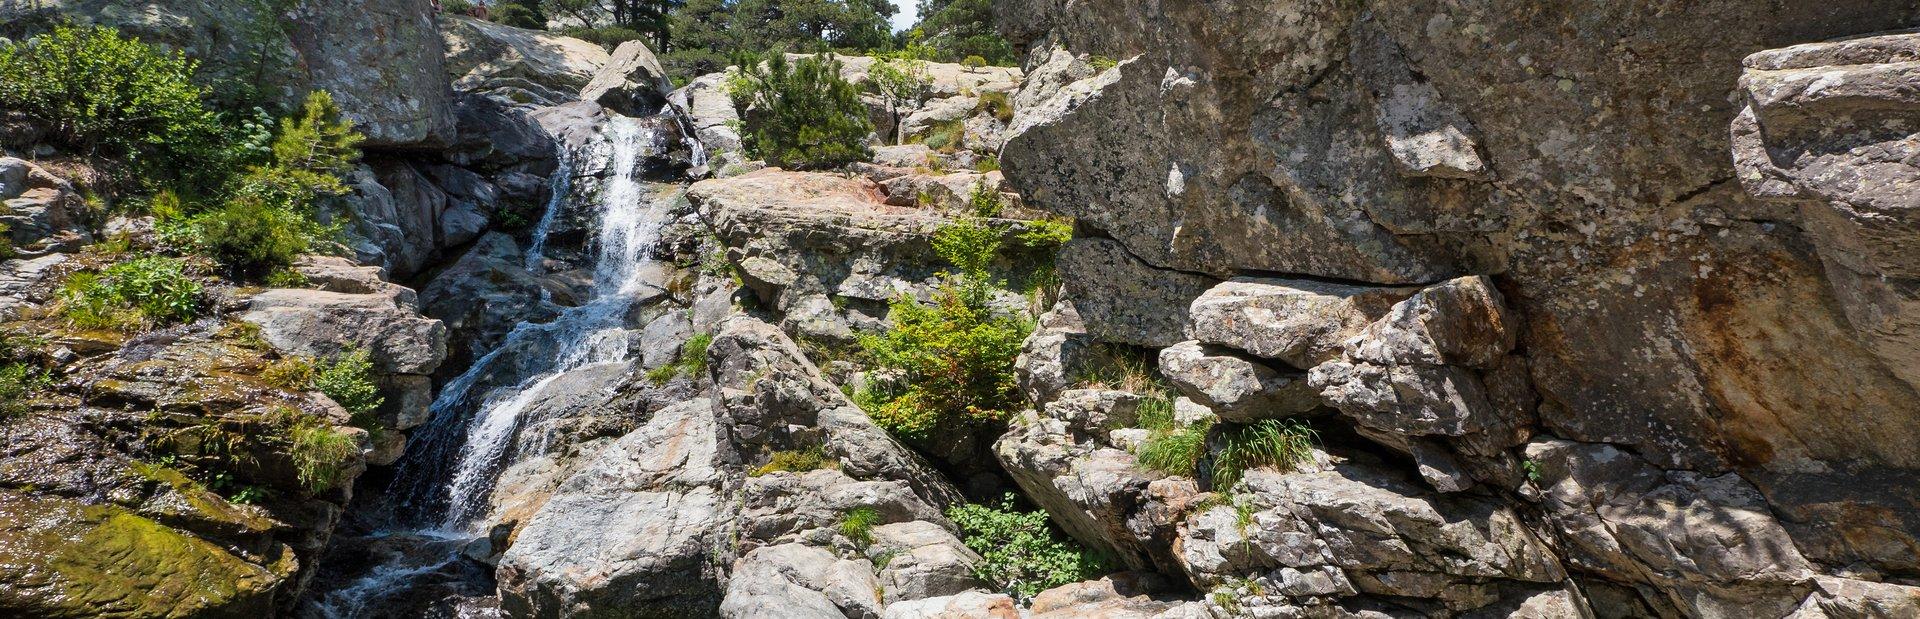 Corsica Canyon Image 1